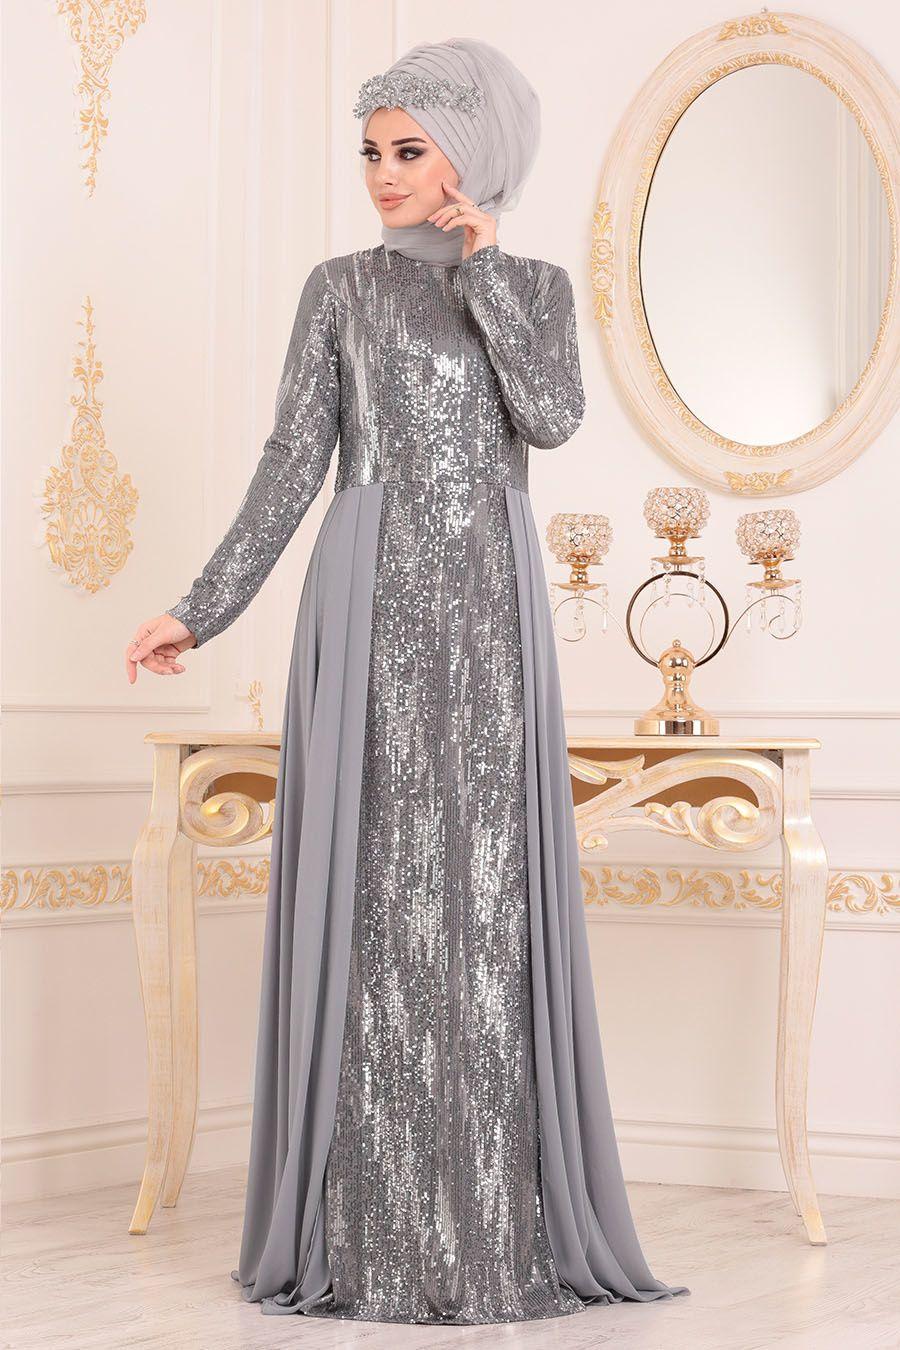 Nayla Collection Pul Payetli Gri Tesettur Abiye Elbise 25740gr Tesetturisland Com Elbise Moda Stilleri The Dress